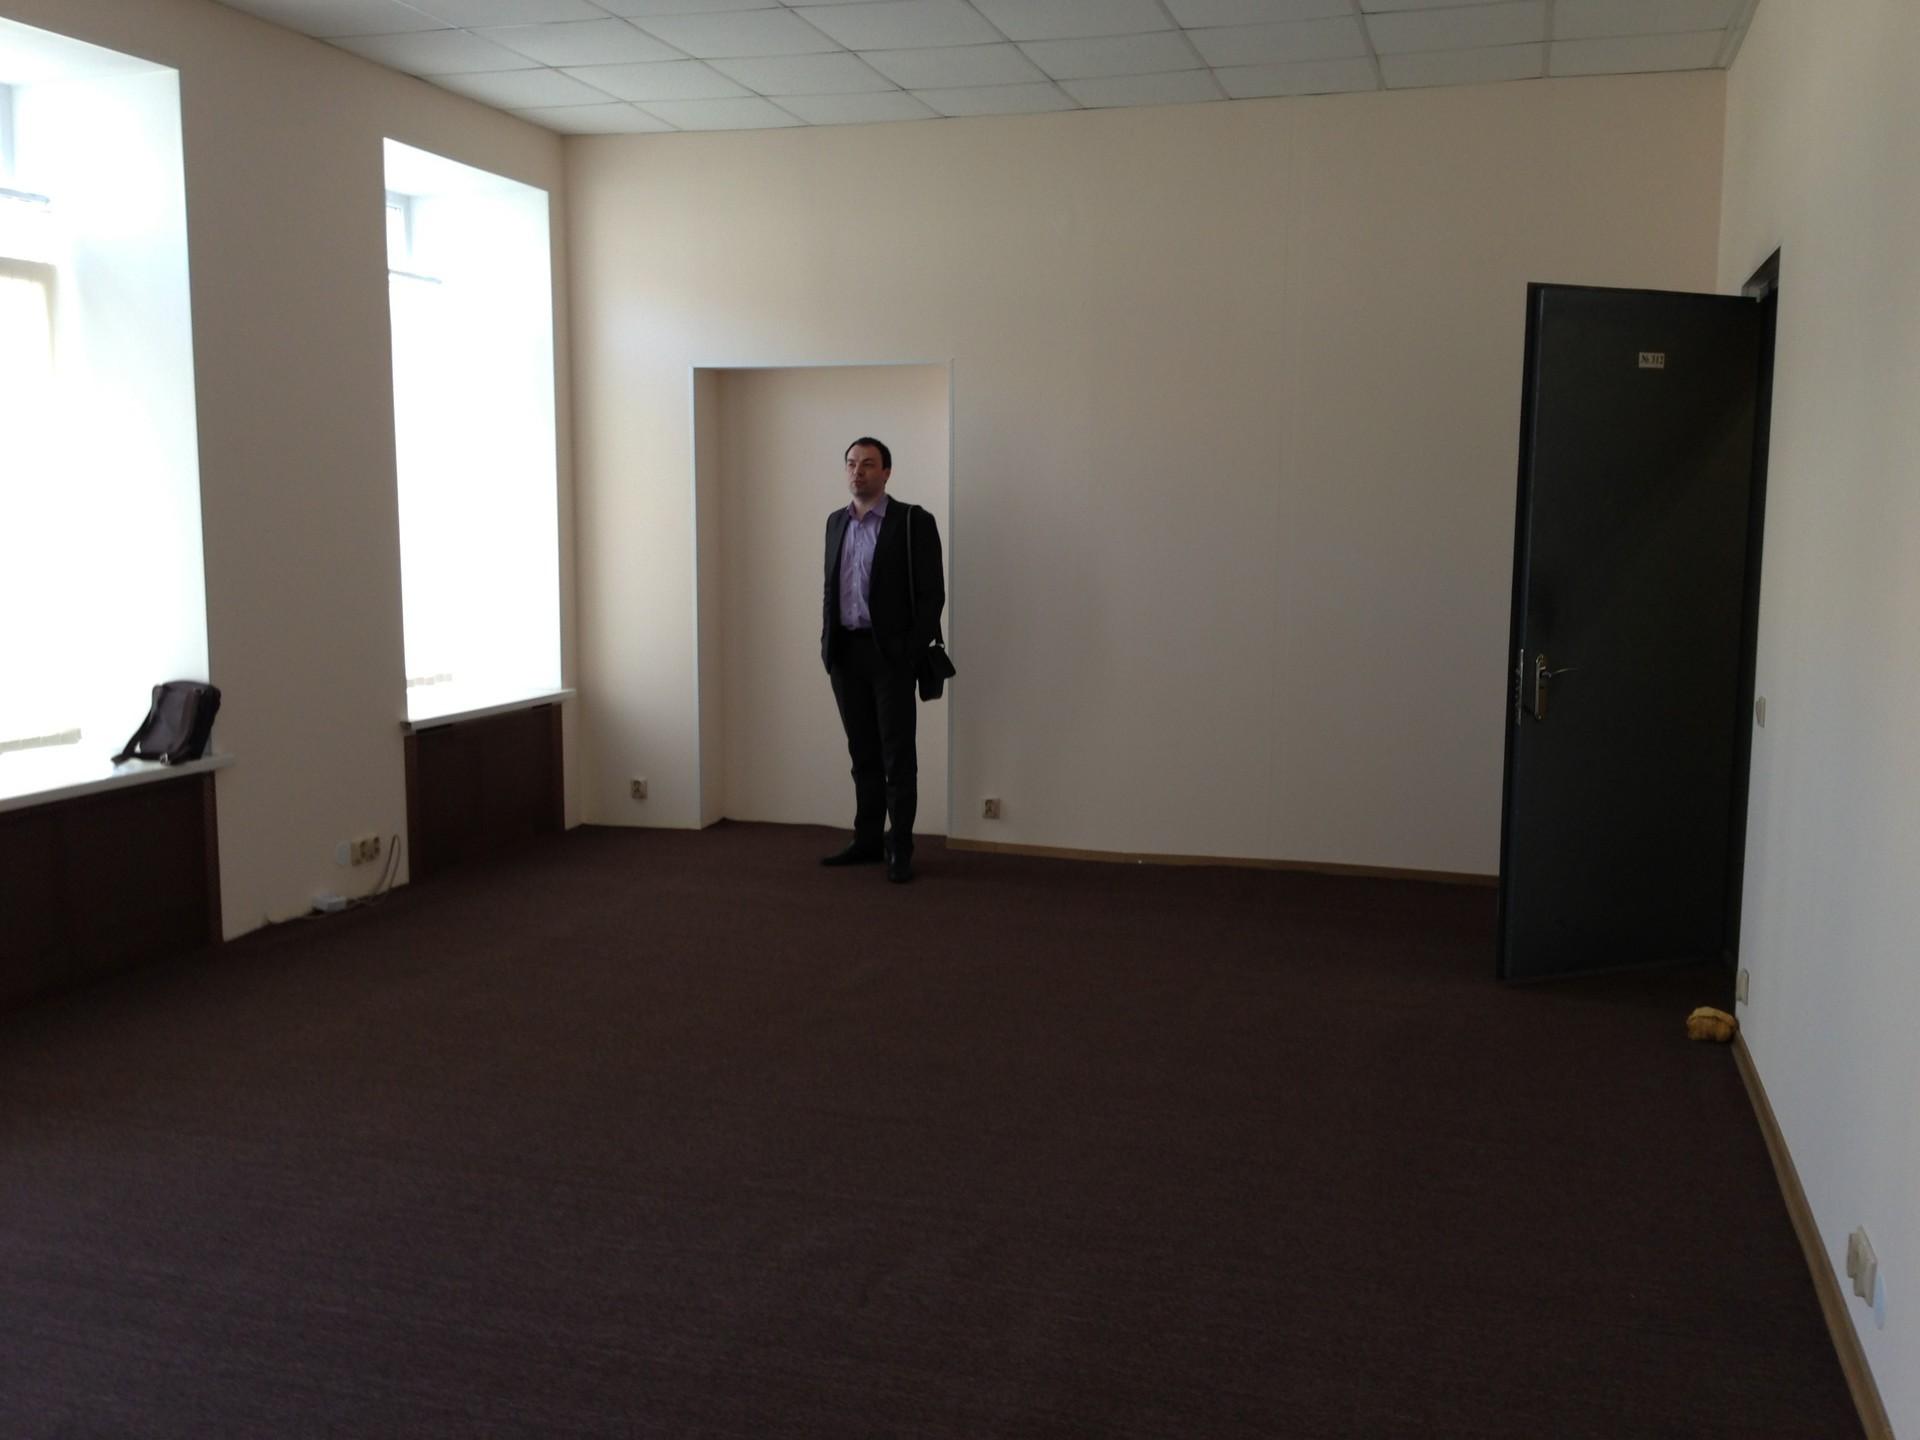 Открытие студии мобильной разработки «с нуля» в Питере — 3.5 года спустя. Реинкарнация. Часть 1 - 2